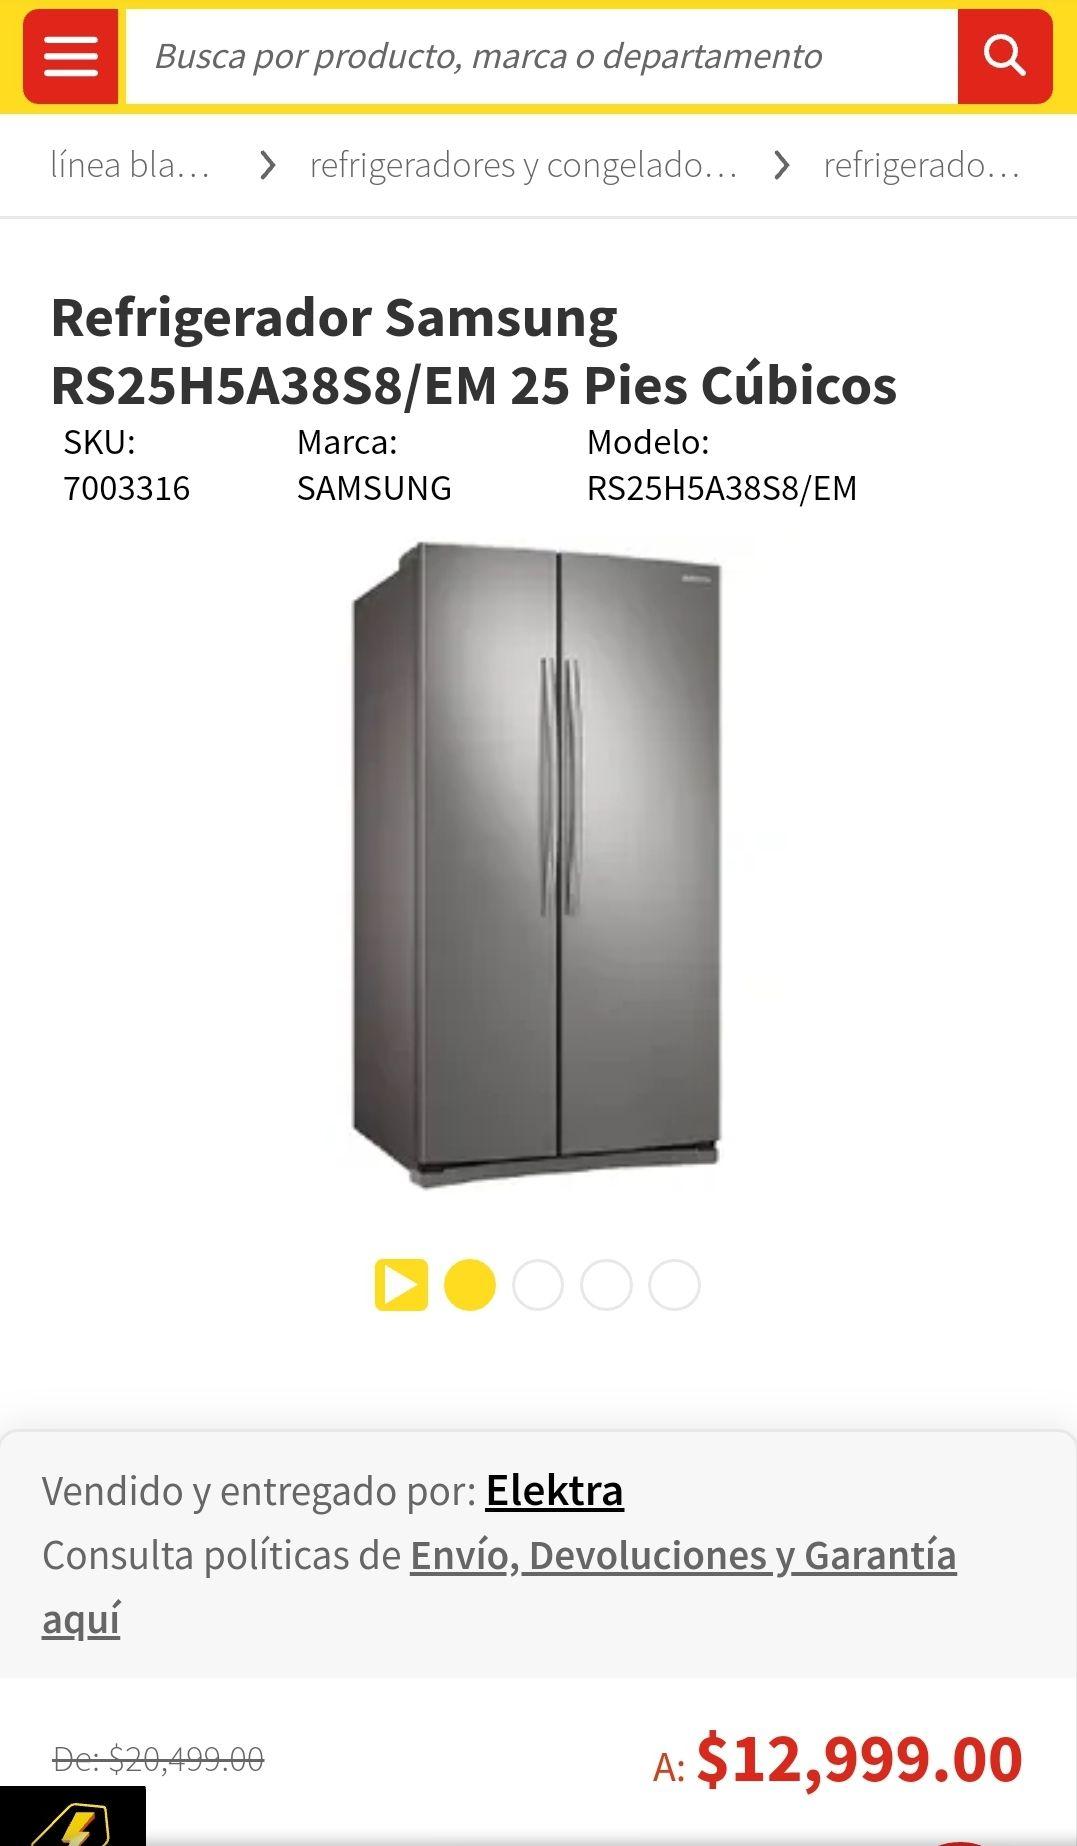 Elektra: Refrigerador Samsung RS25H5A38S8/EM 25 Pies Cúbicos Silver